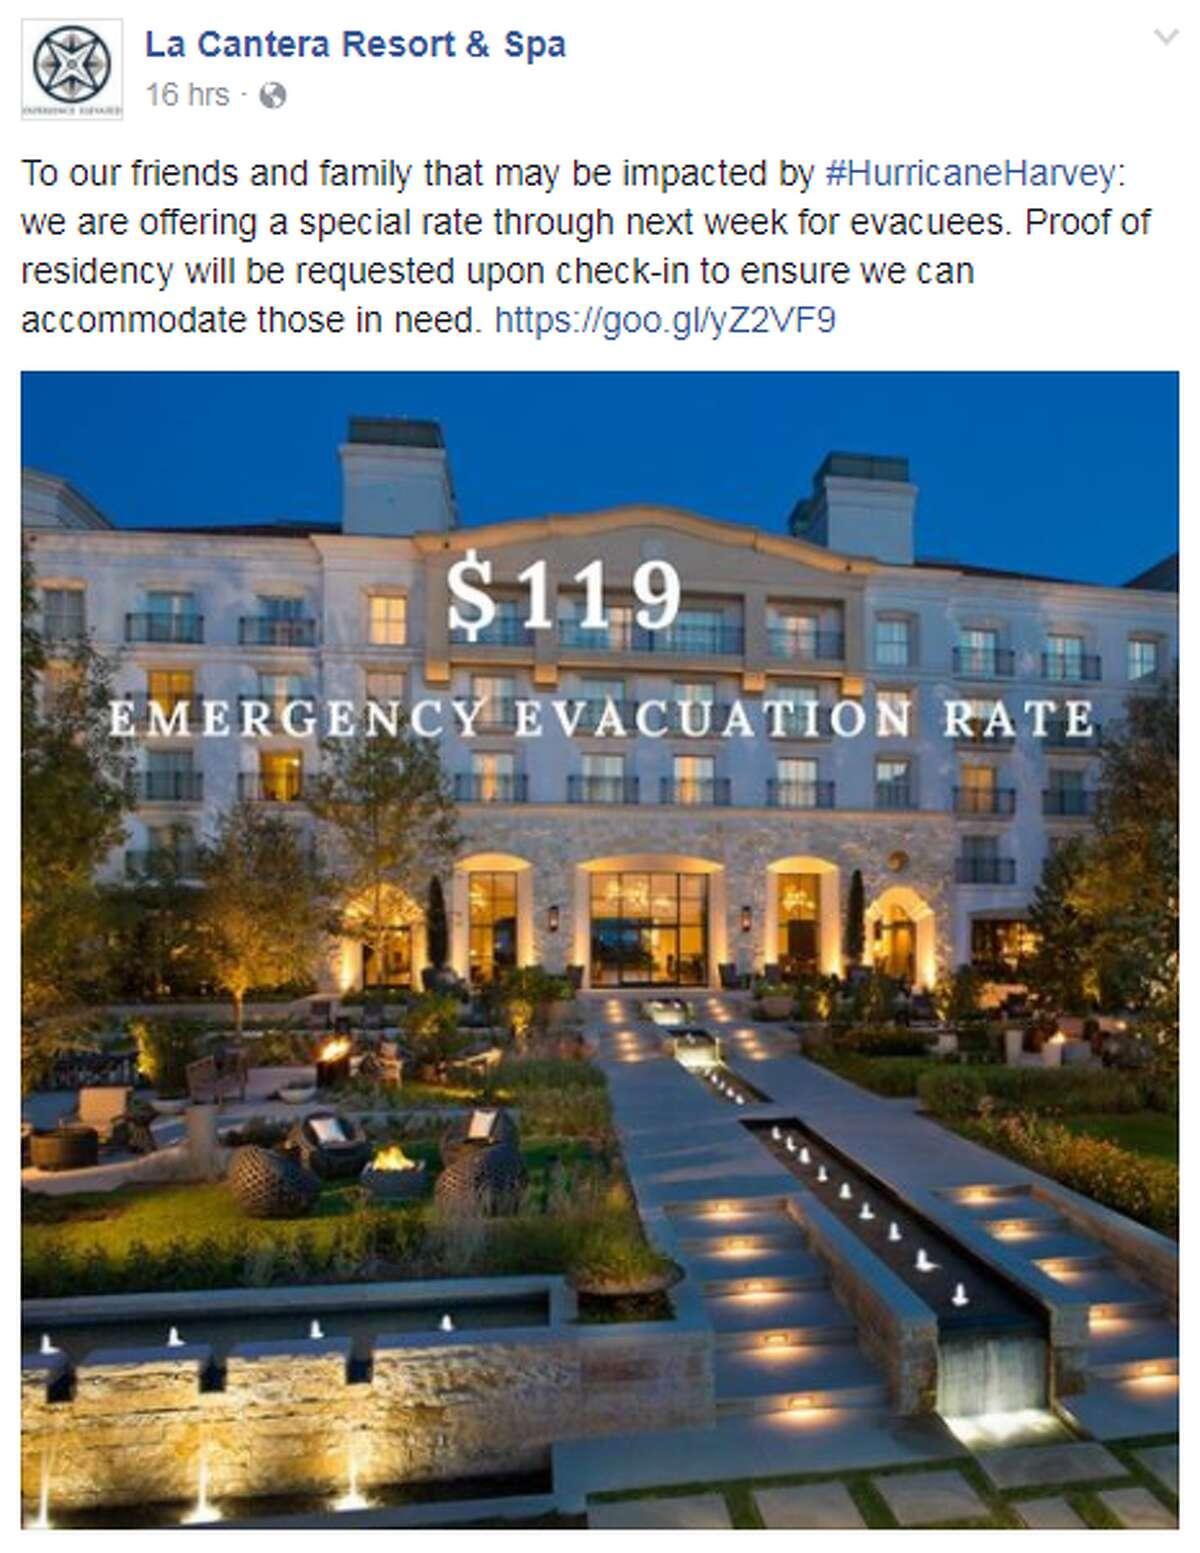 La Cantera Resort & Spa Offering a $110